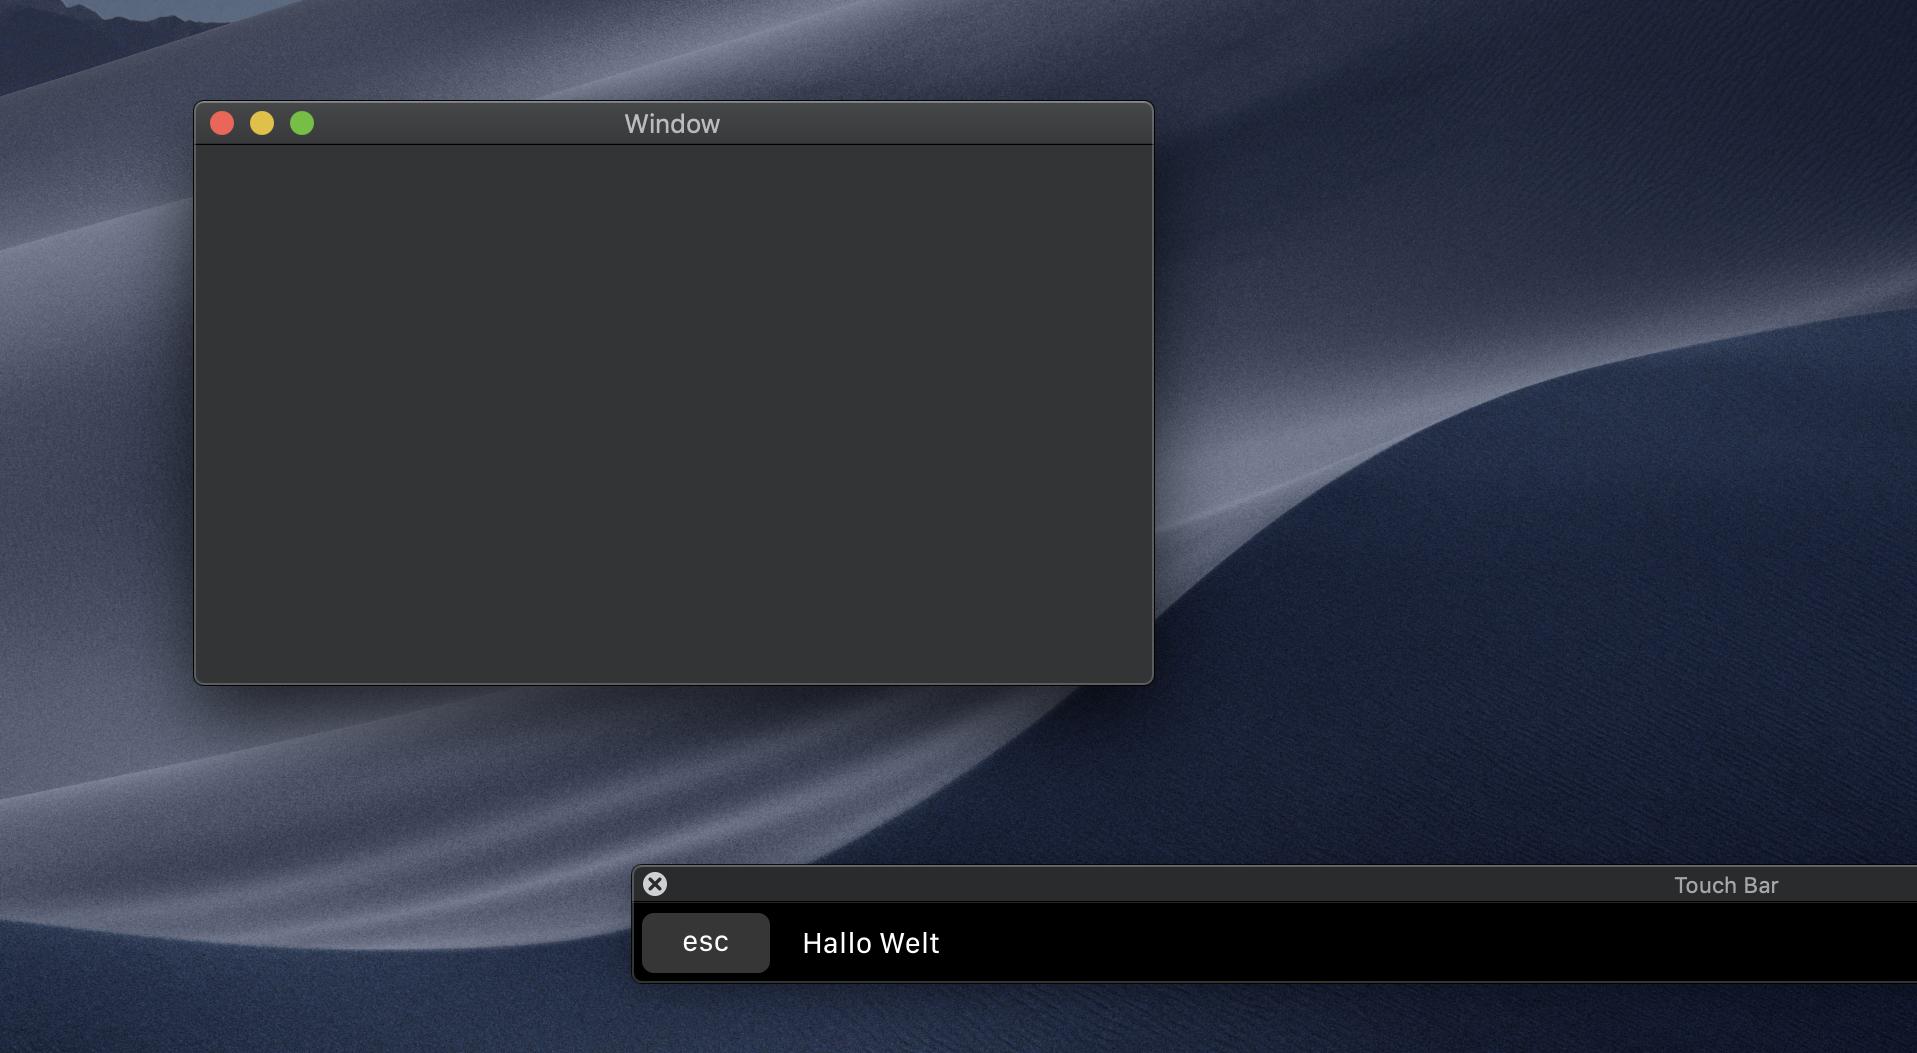 Die Touch Bar zeigt den von uns im Storyboard hinzugefügten Text bei Ausführung der Beispiel-App an.